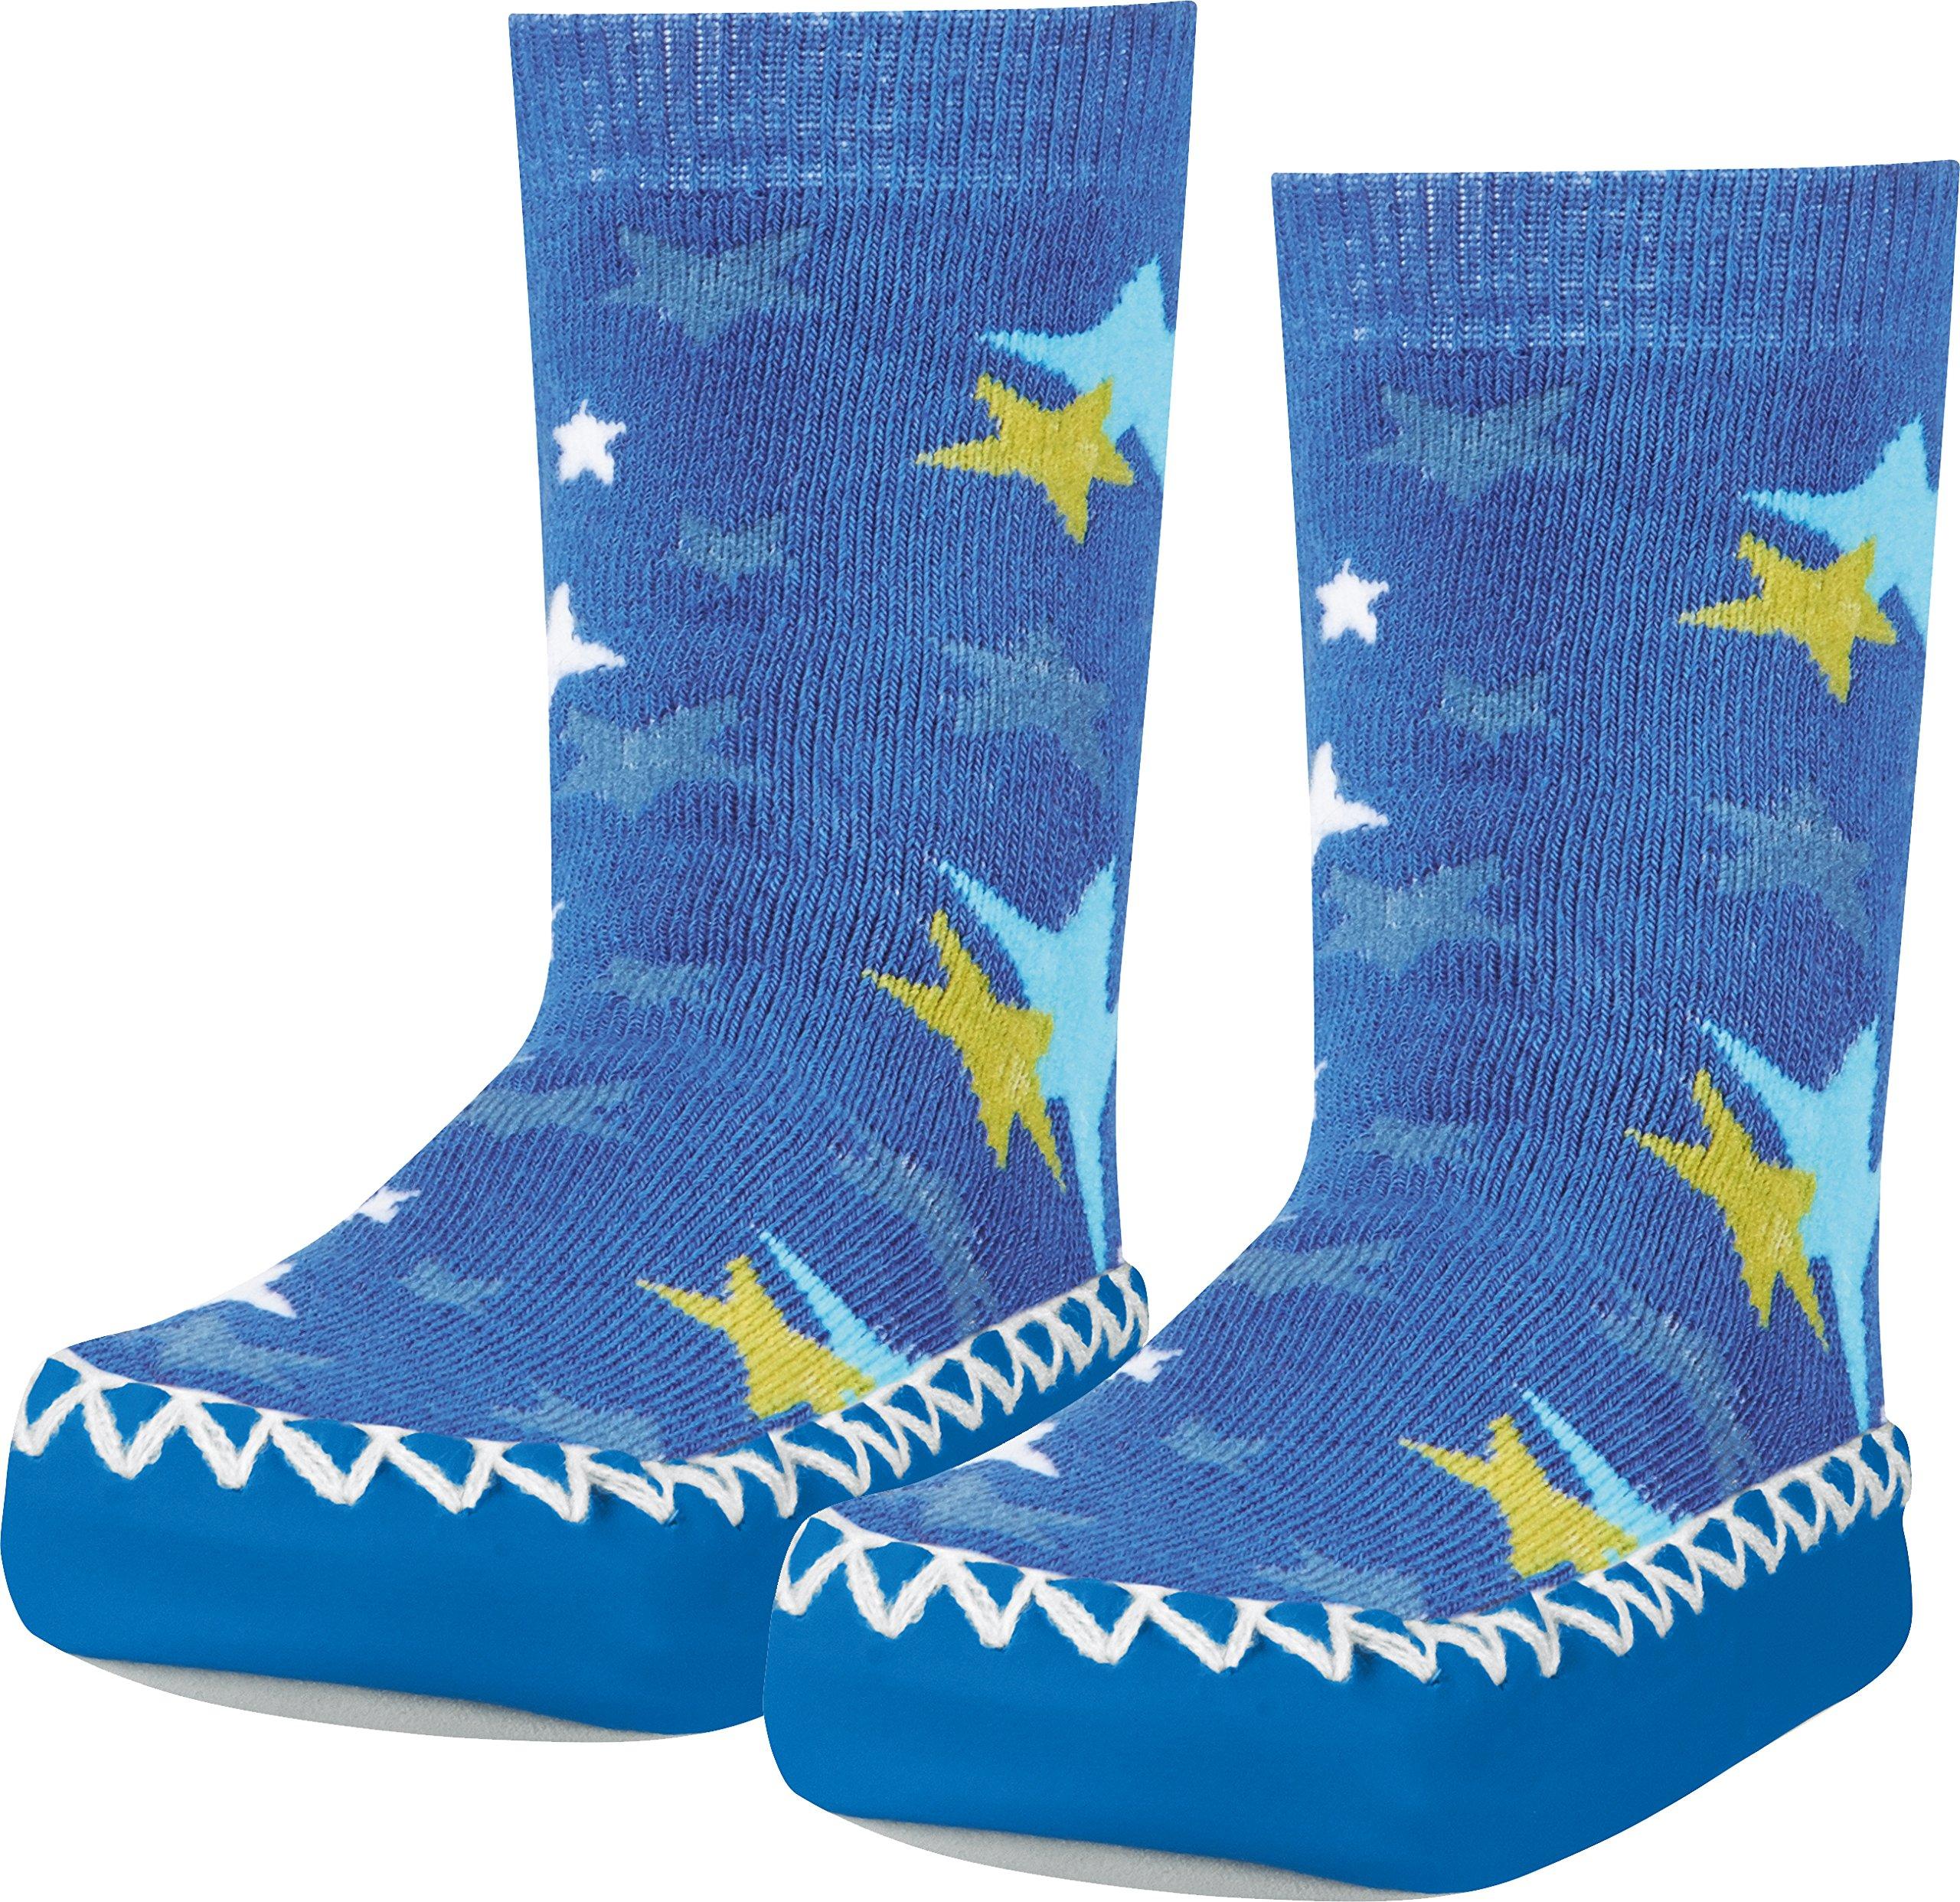 Playshoes Zapatillas Con Suela Antideslizante Estrellas Pantuflas Unisex Niños 2